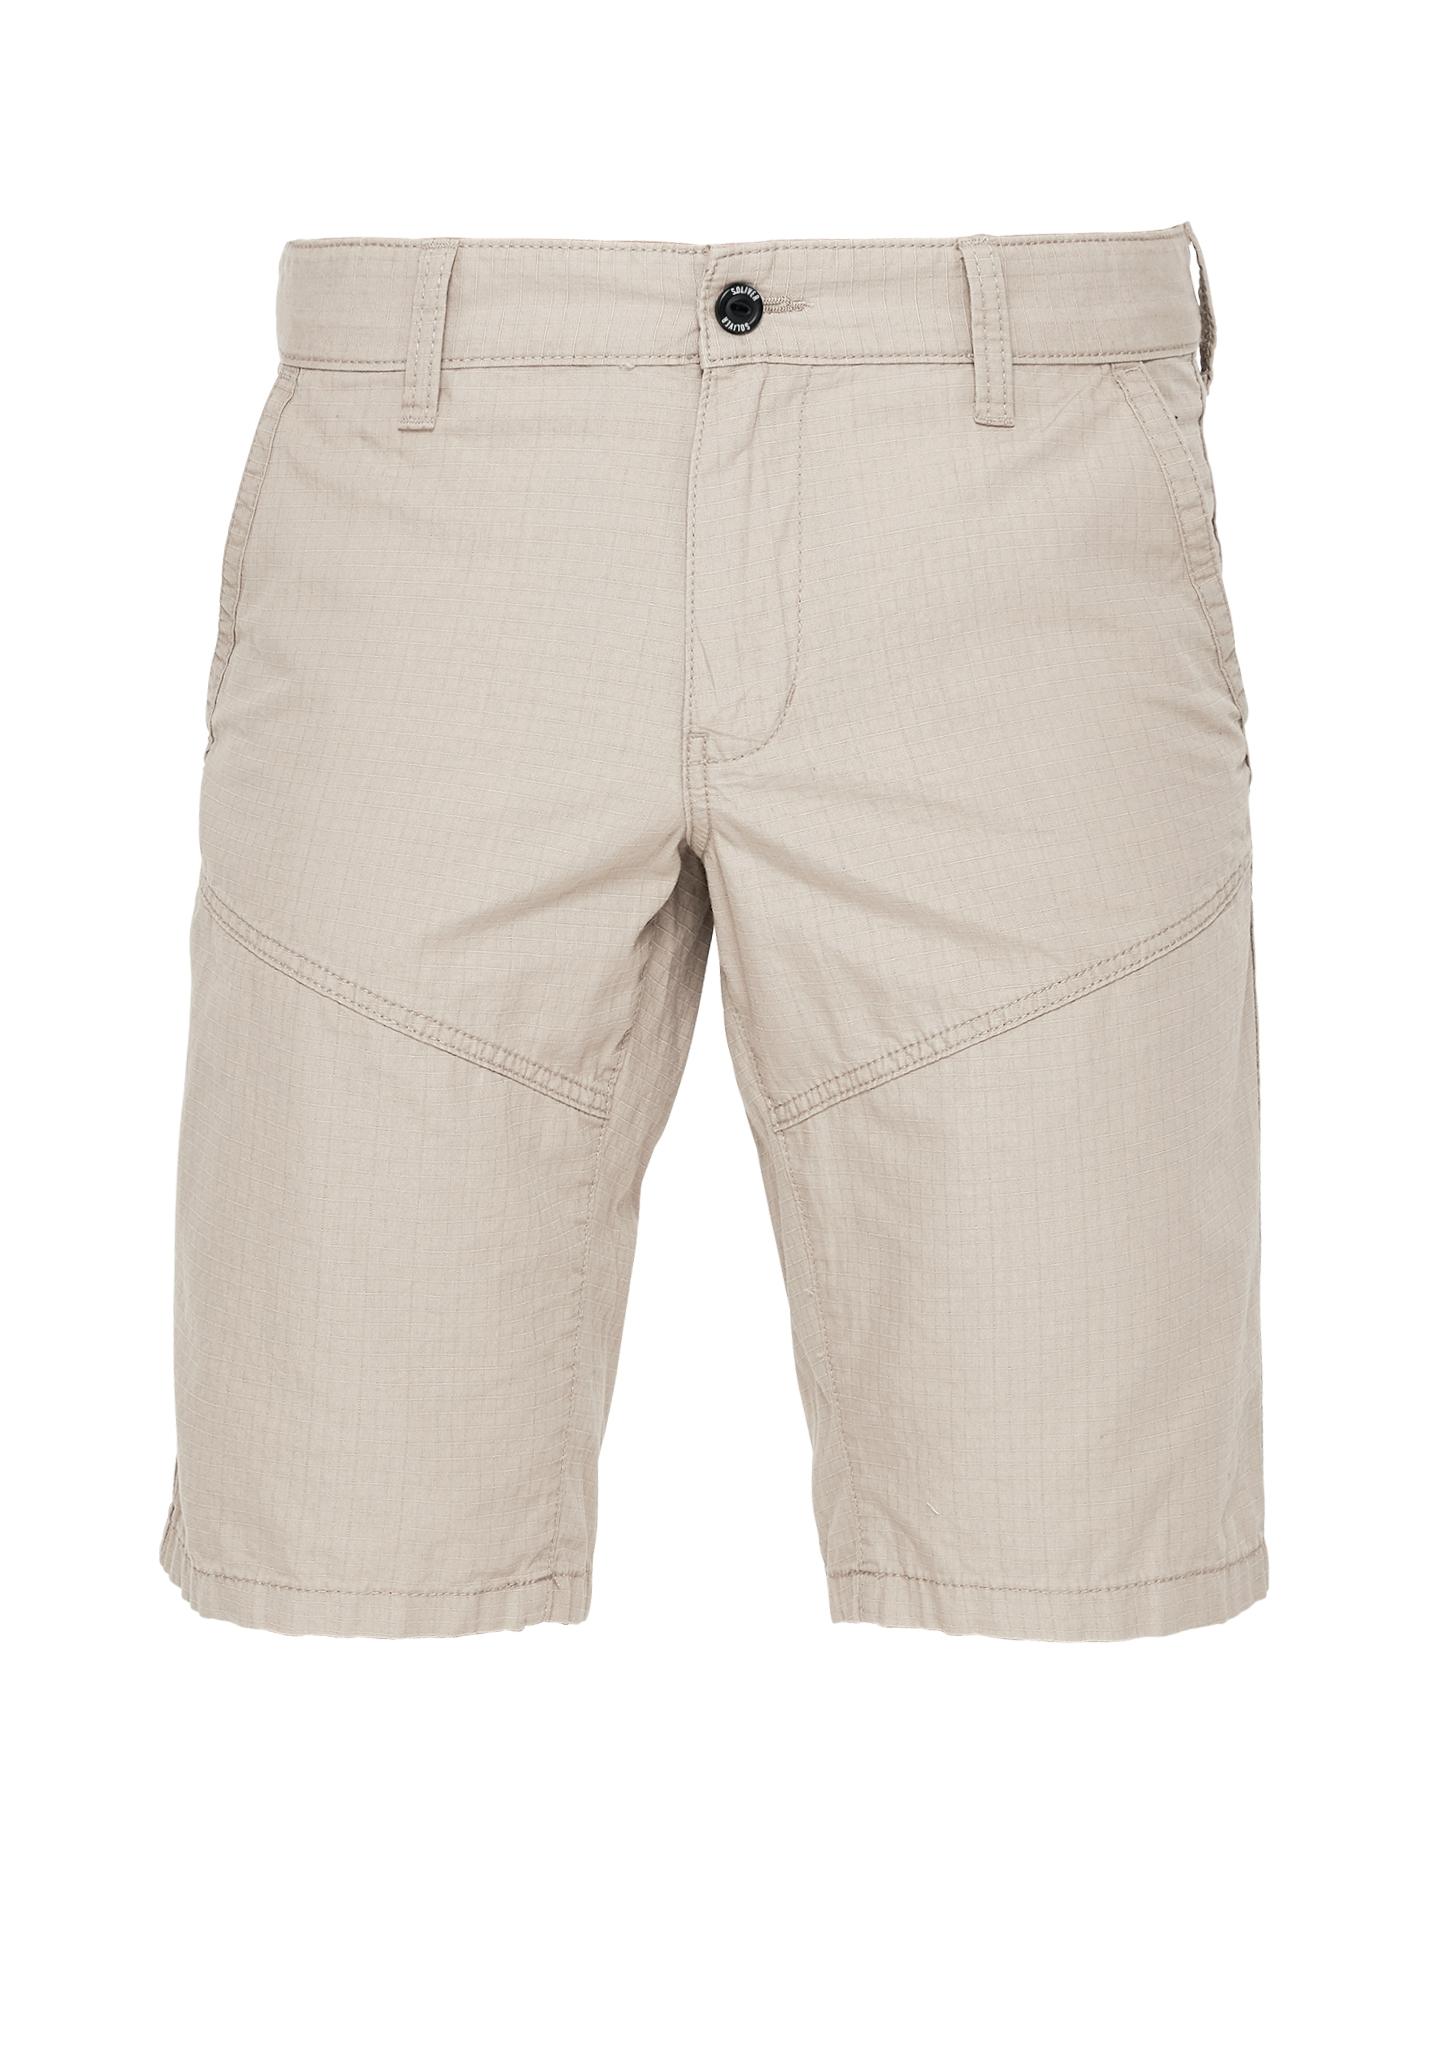 Bermudas | Bekleidung > Shorts & Bermudas > Bermudas | Beige | Obermaterial 100% baumwolle| futter 100% baumwolle | s.Oliver